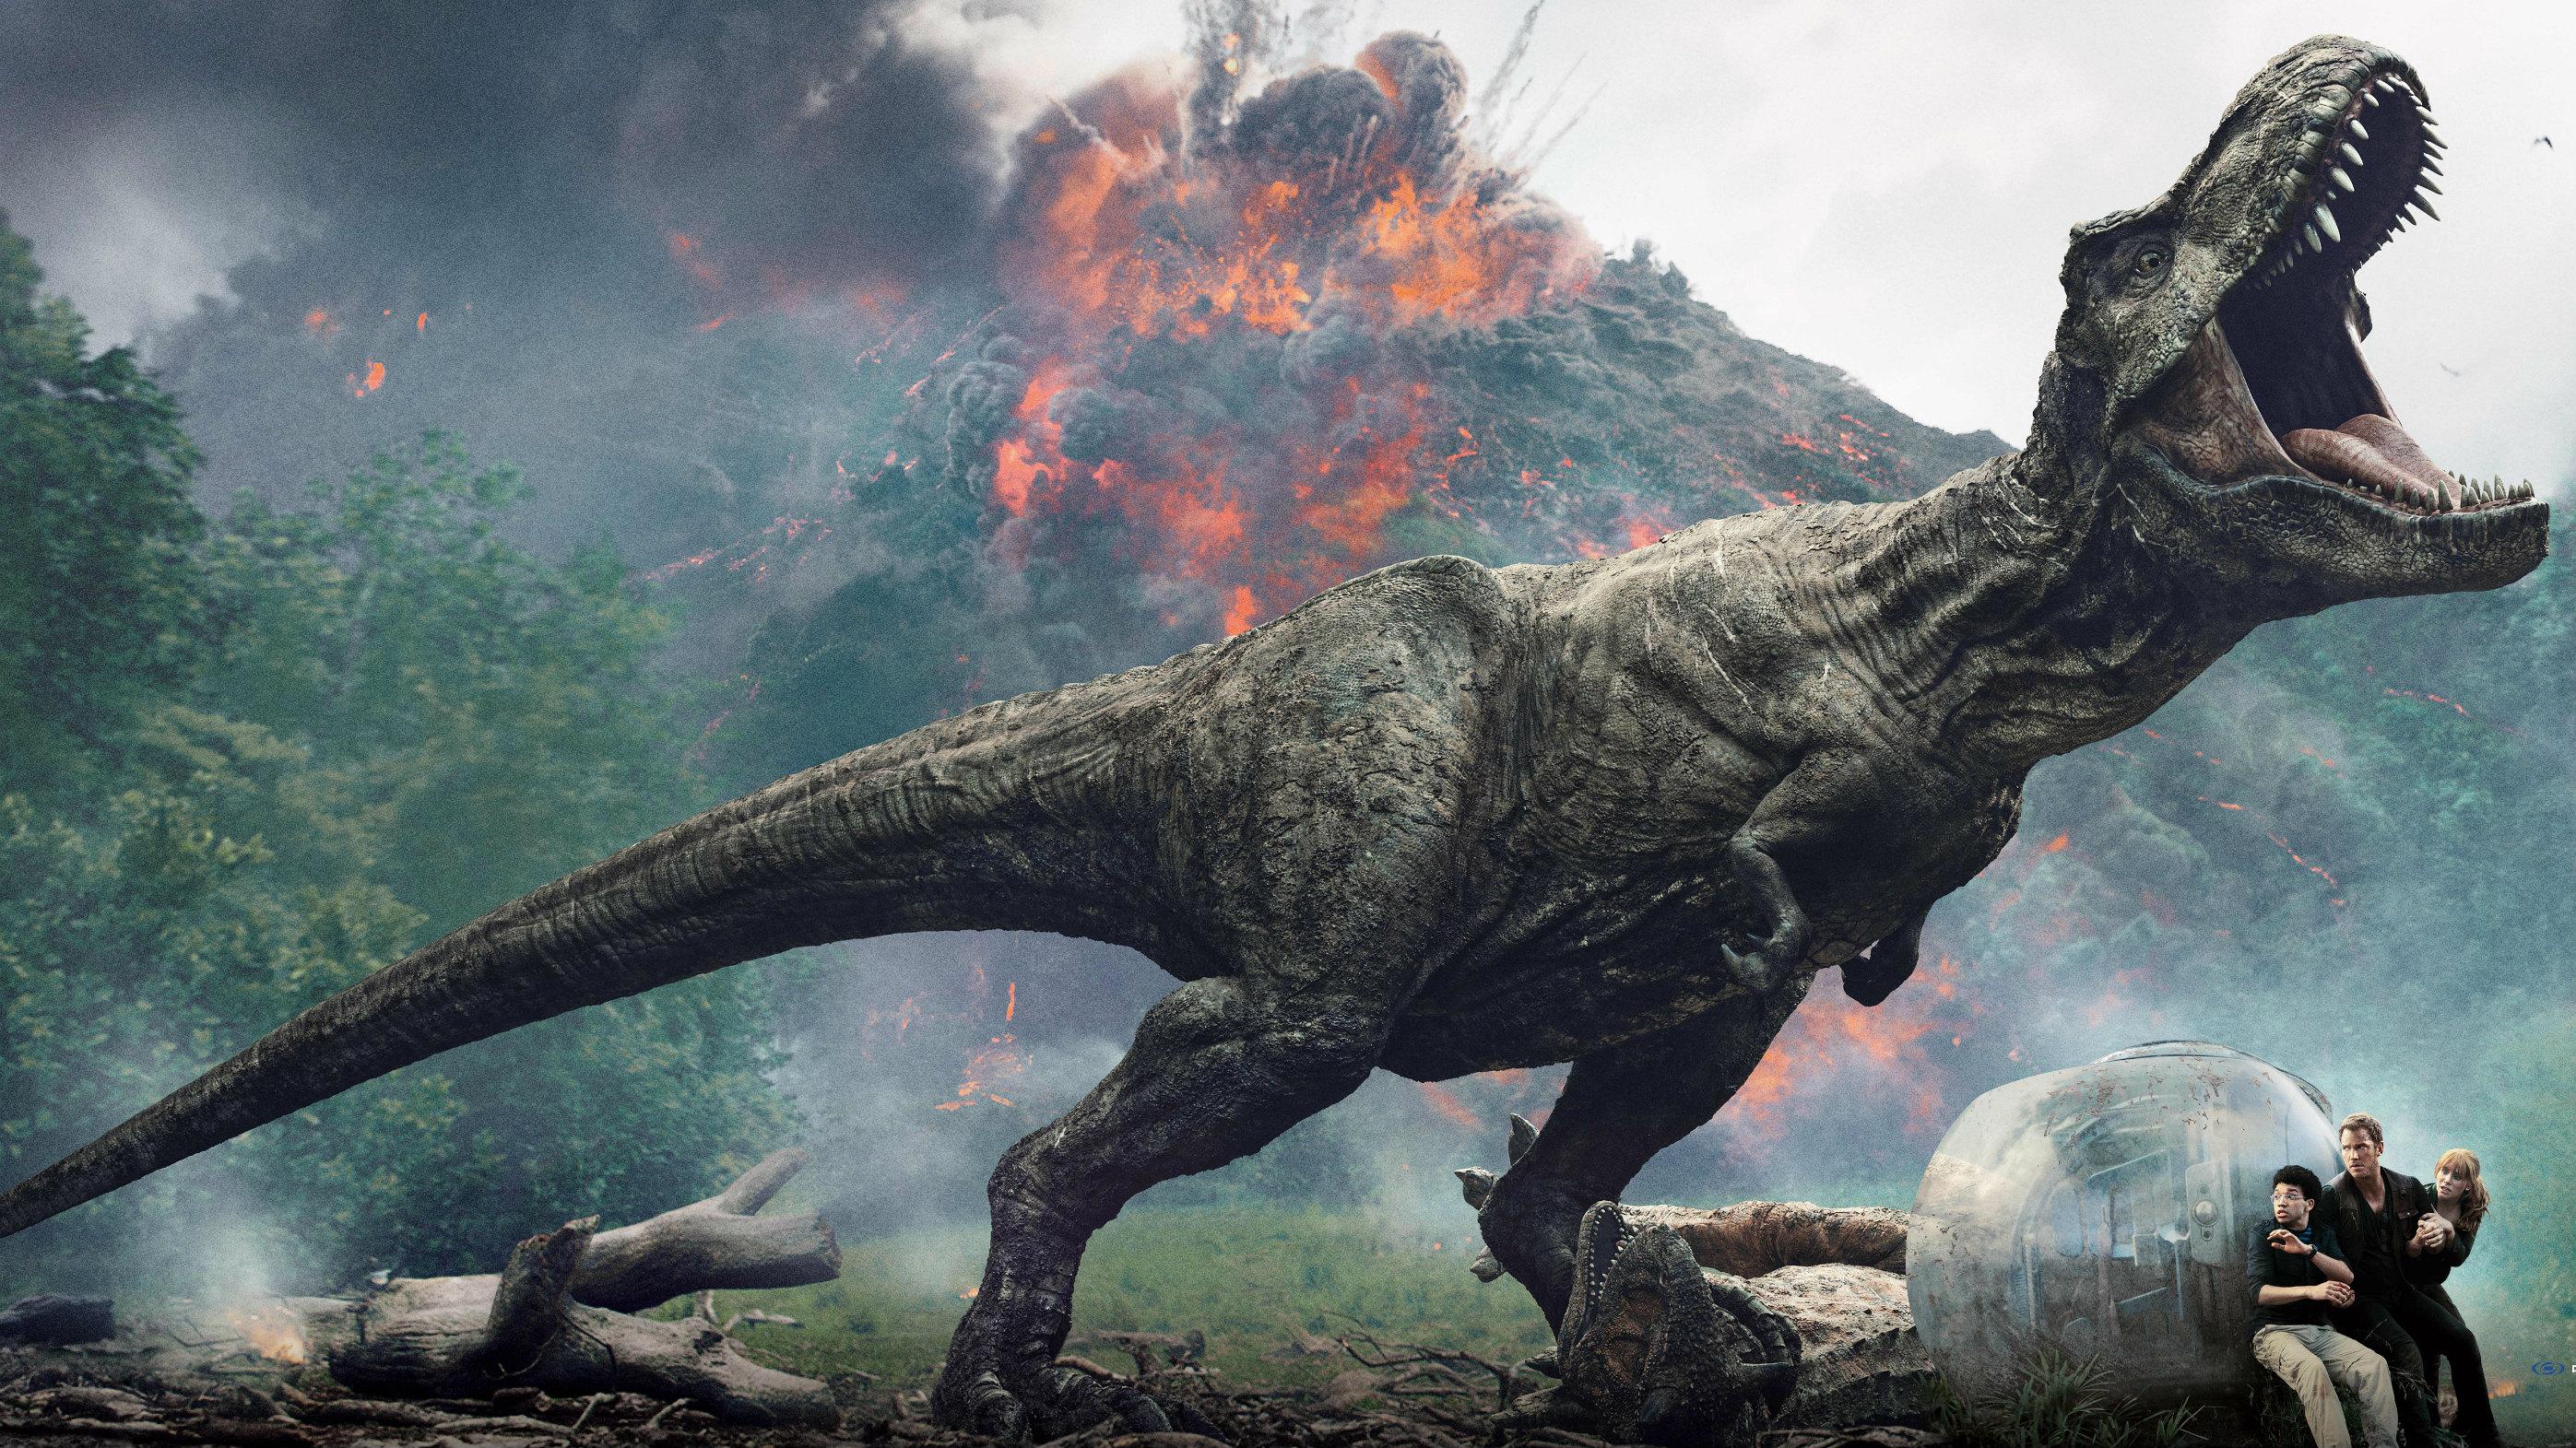 说好的建国后不许成精,但是侏罗纪世界2里的恐龙都成精啦!